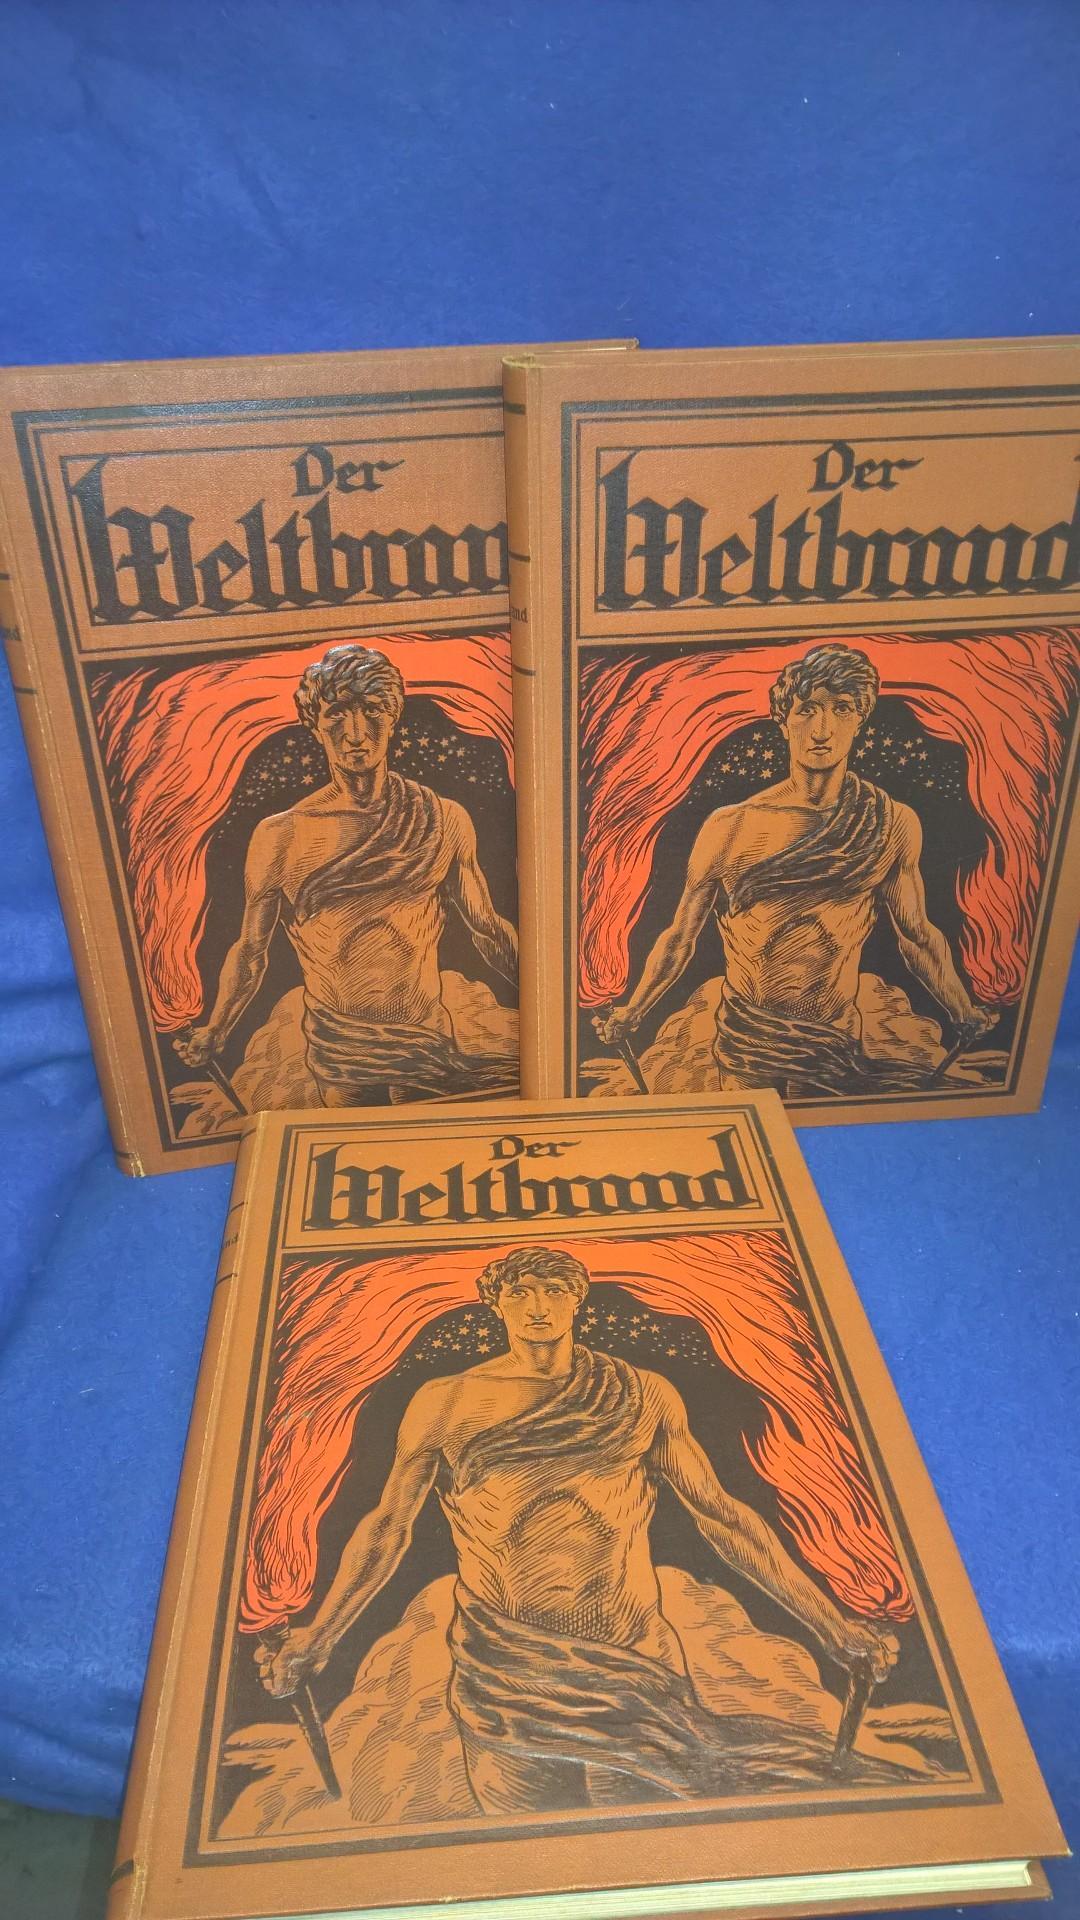 Der Weltbrand. Band I - III,so komplett!  Illustrierte Geschichte aus großer Zeit des 1.Weltkrieges mit  zusammenhängendem Text.